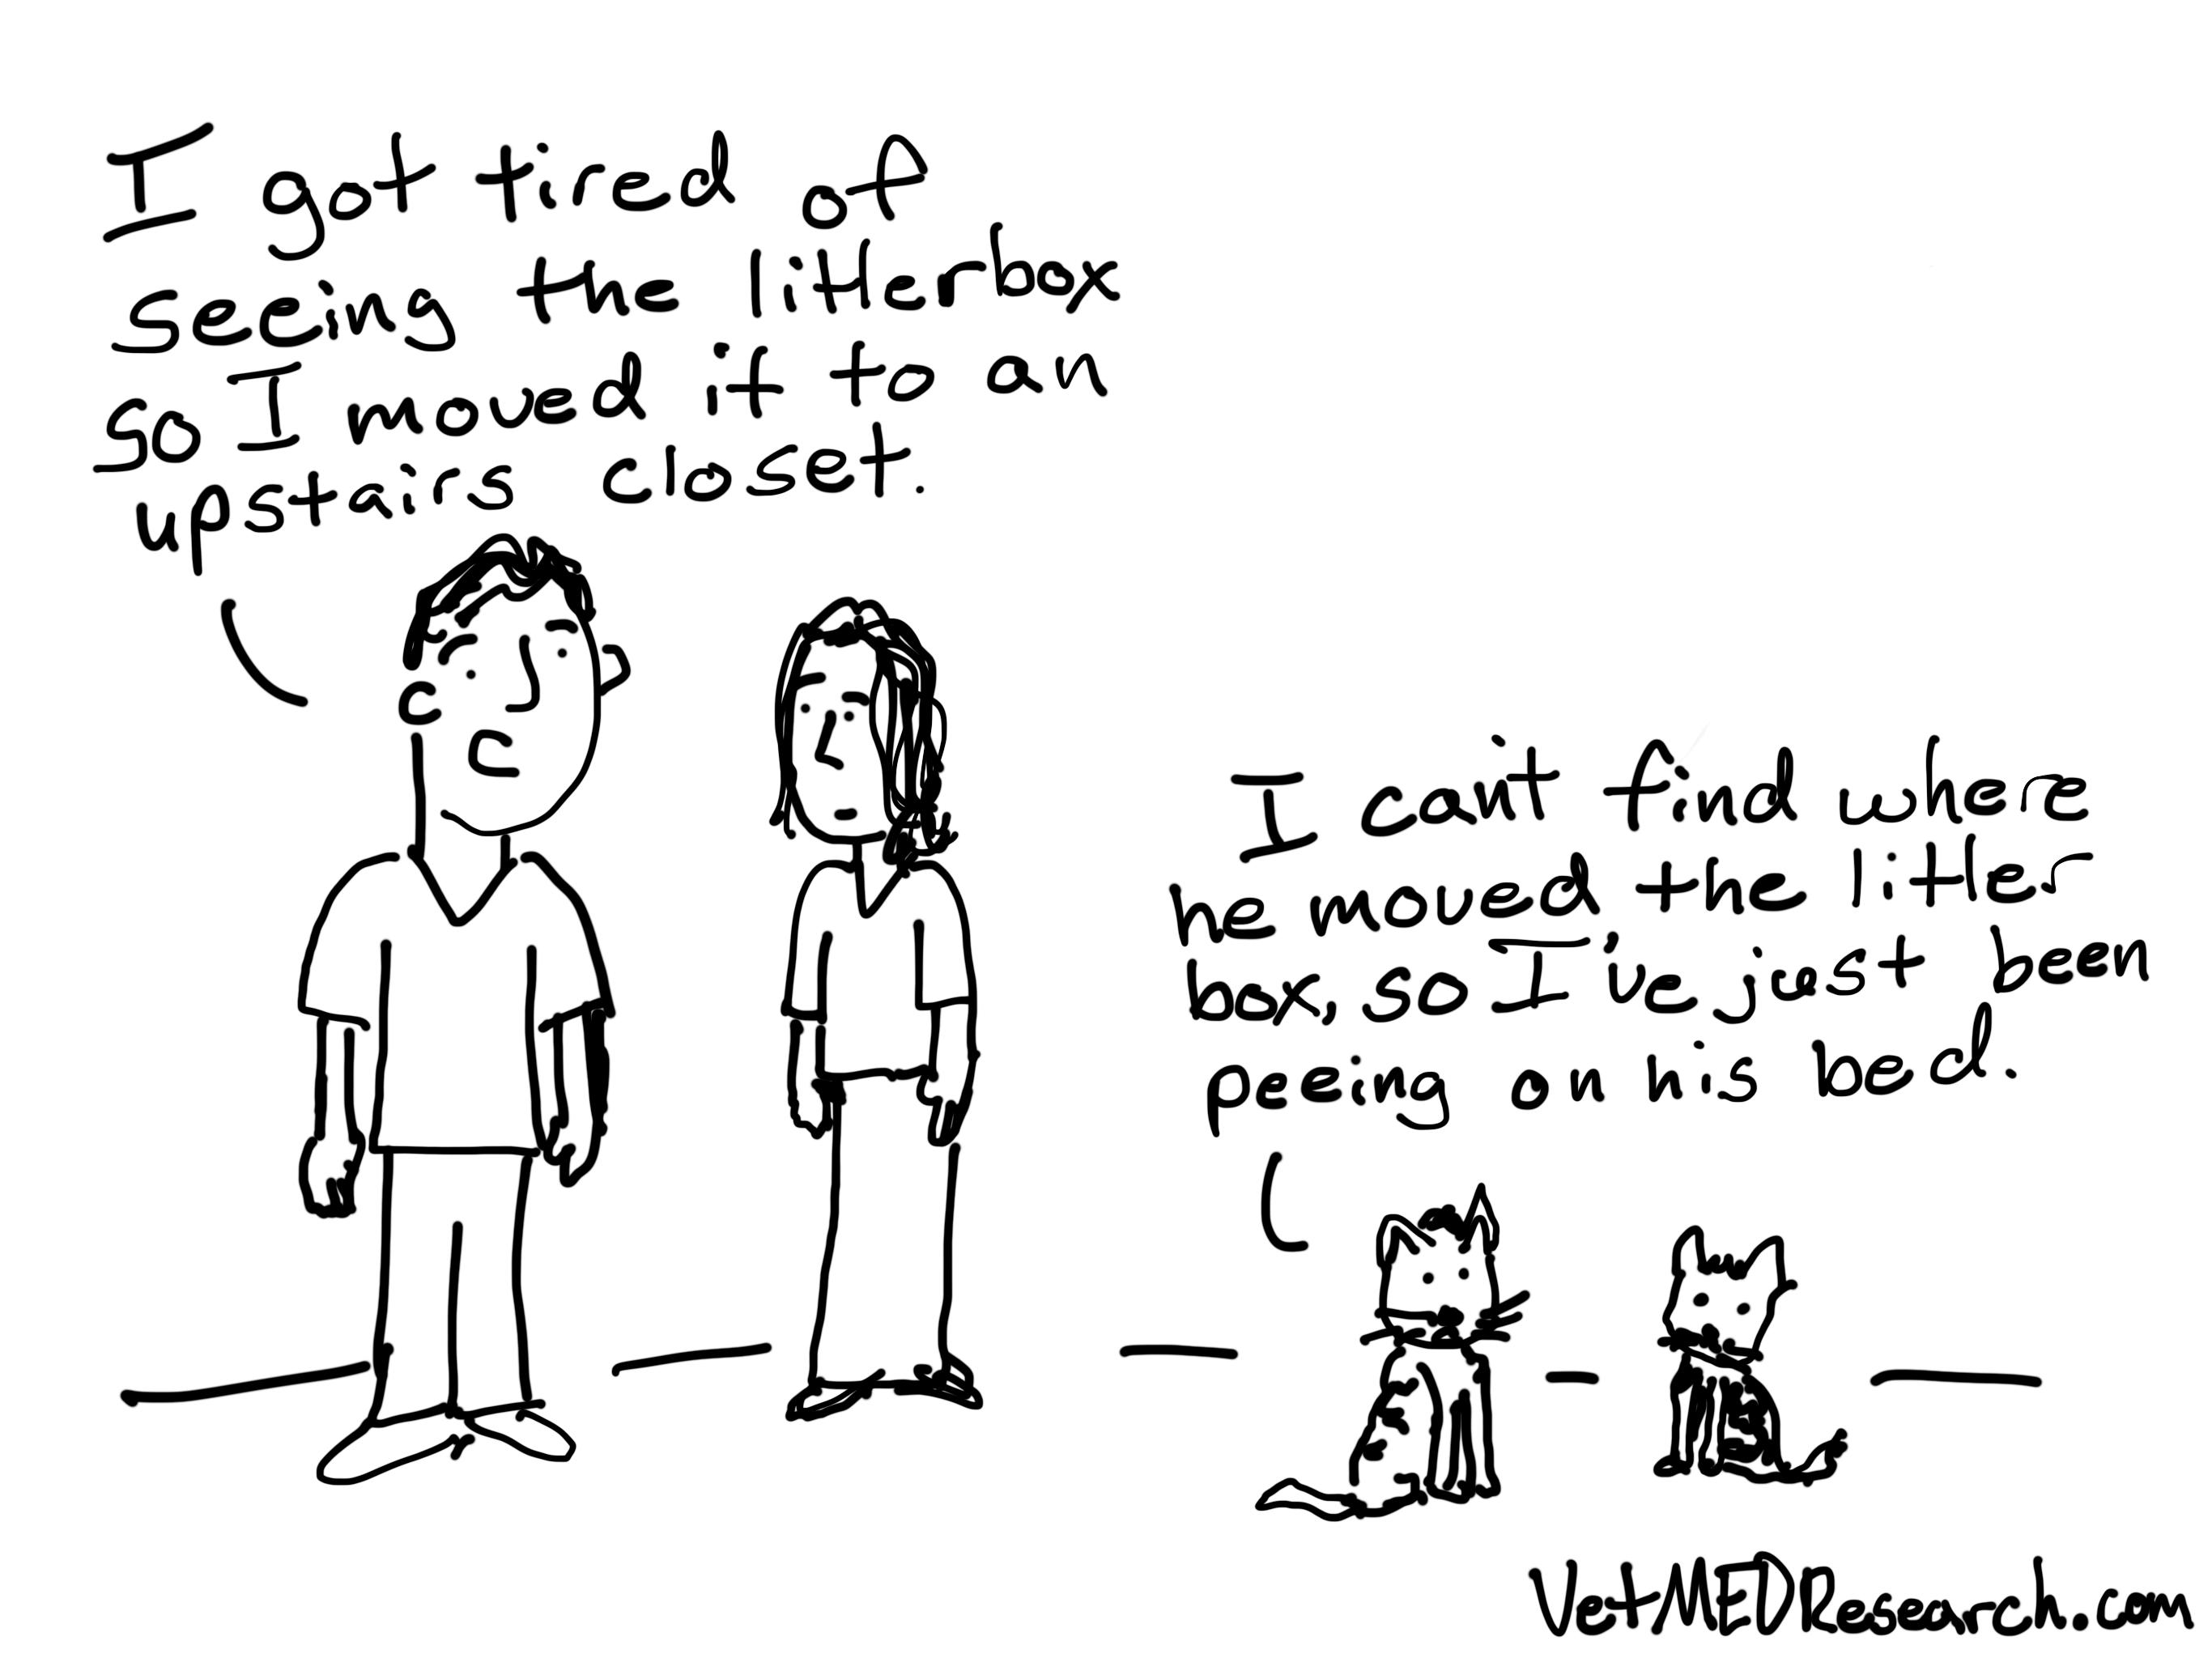 VetMEDResearch Litterbox Cartoon